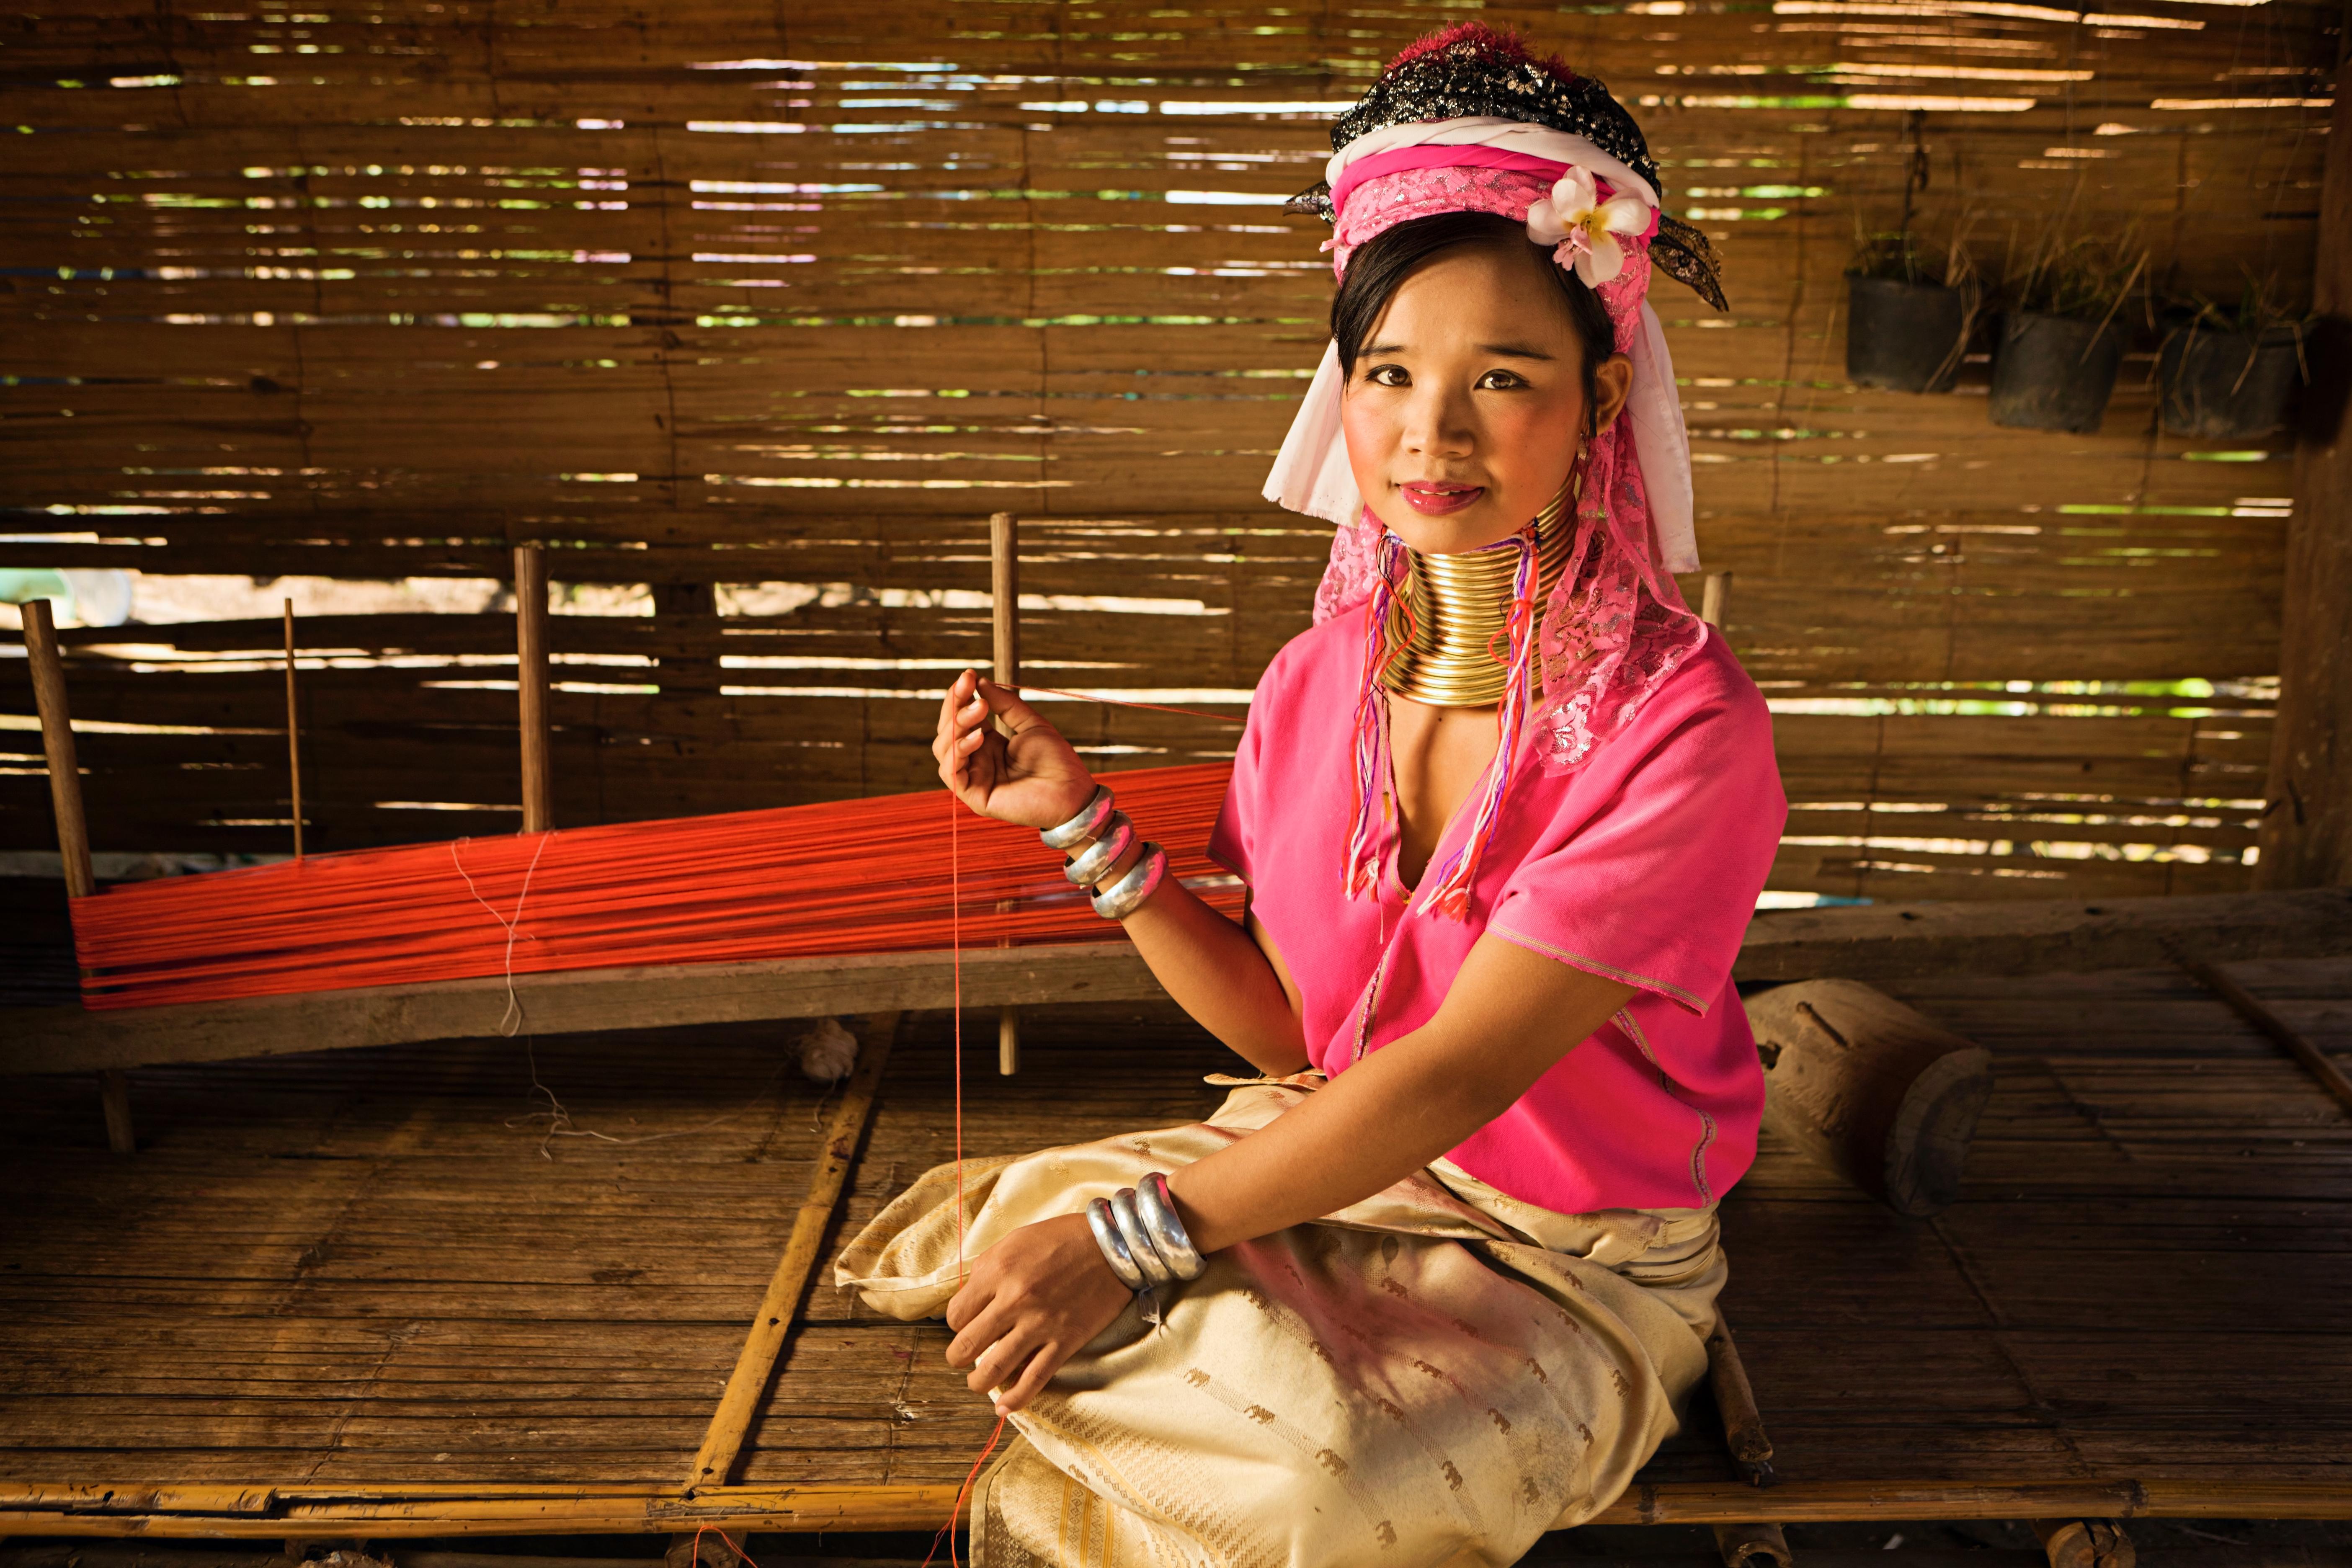 No creerás lo que ven tus ojos ¡el poblado de las mujeres jirafa! - Tailandia Gran Viaje Alrededor de Tailandia